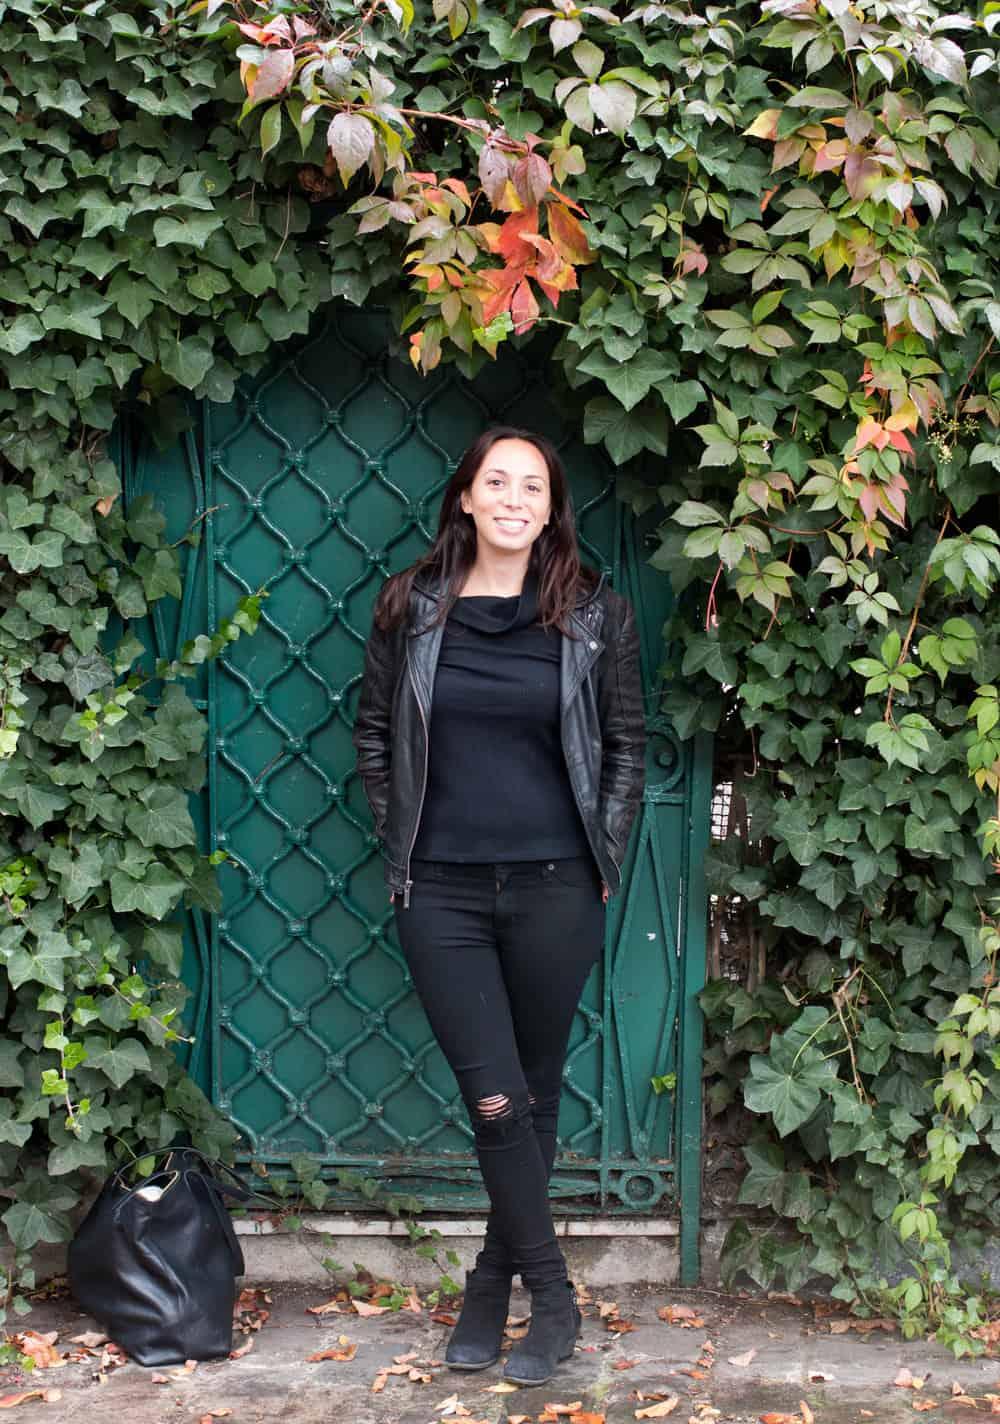 Rebecca Plotnick Montmartre Paris, France